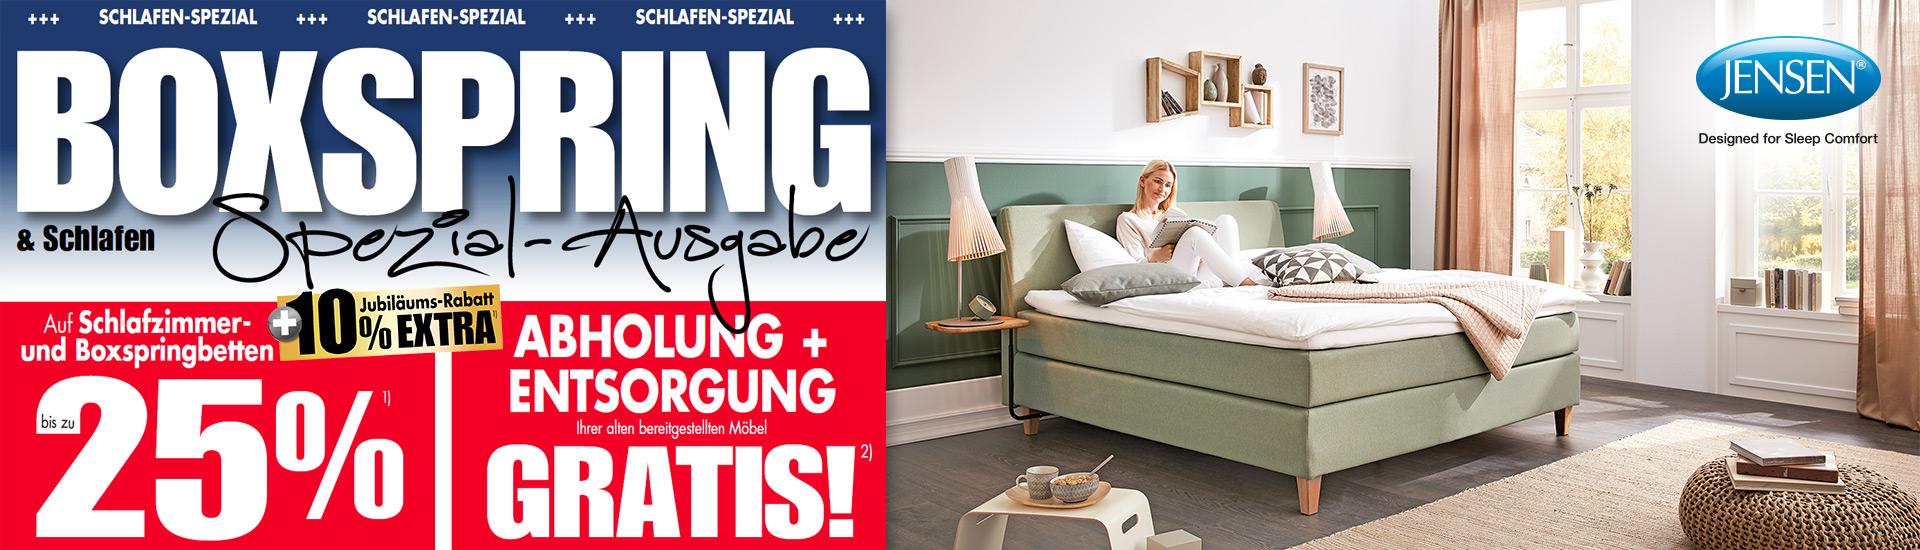 Besser Schlafen Mit Boxspring U2013 Testen Sie Es Im Einrichtungshaus Schulze!